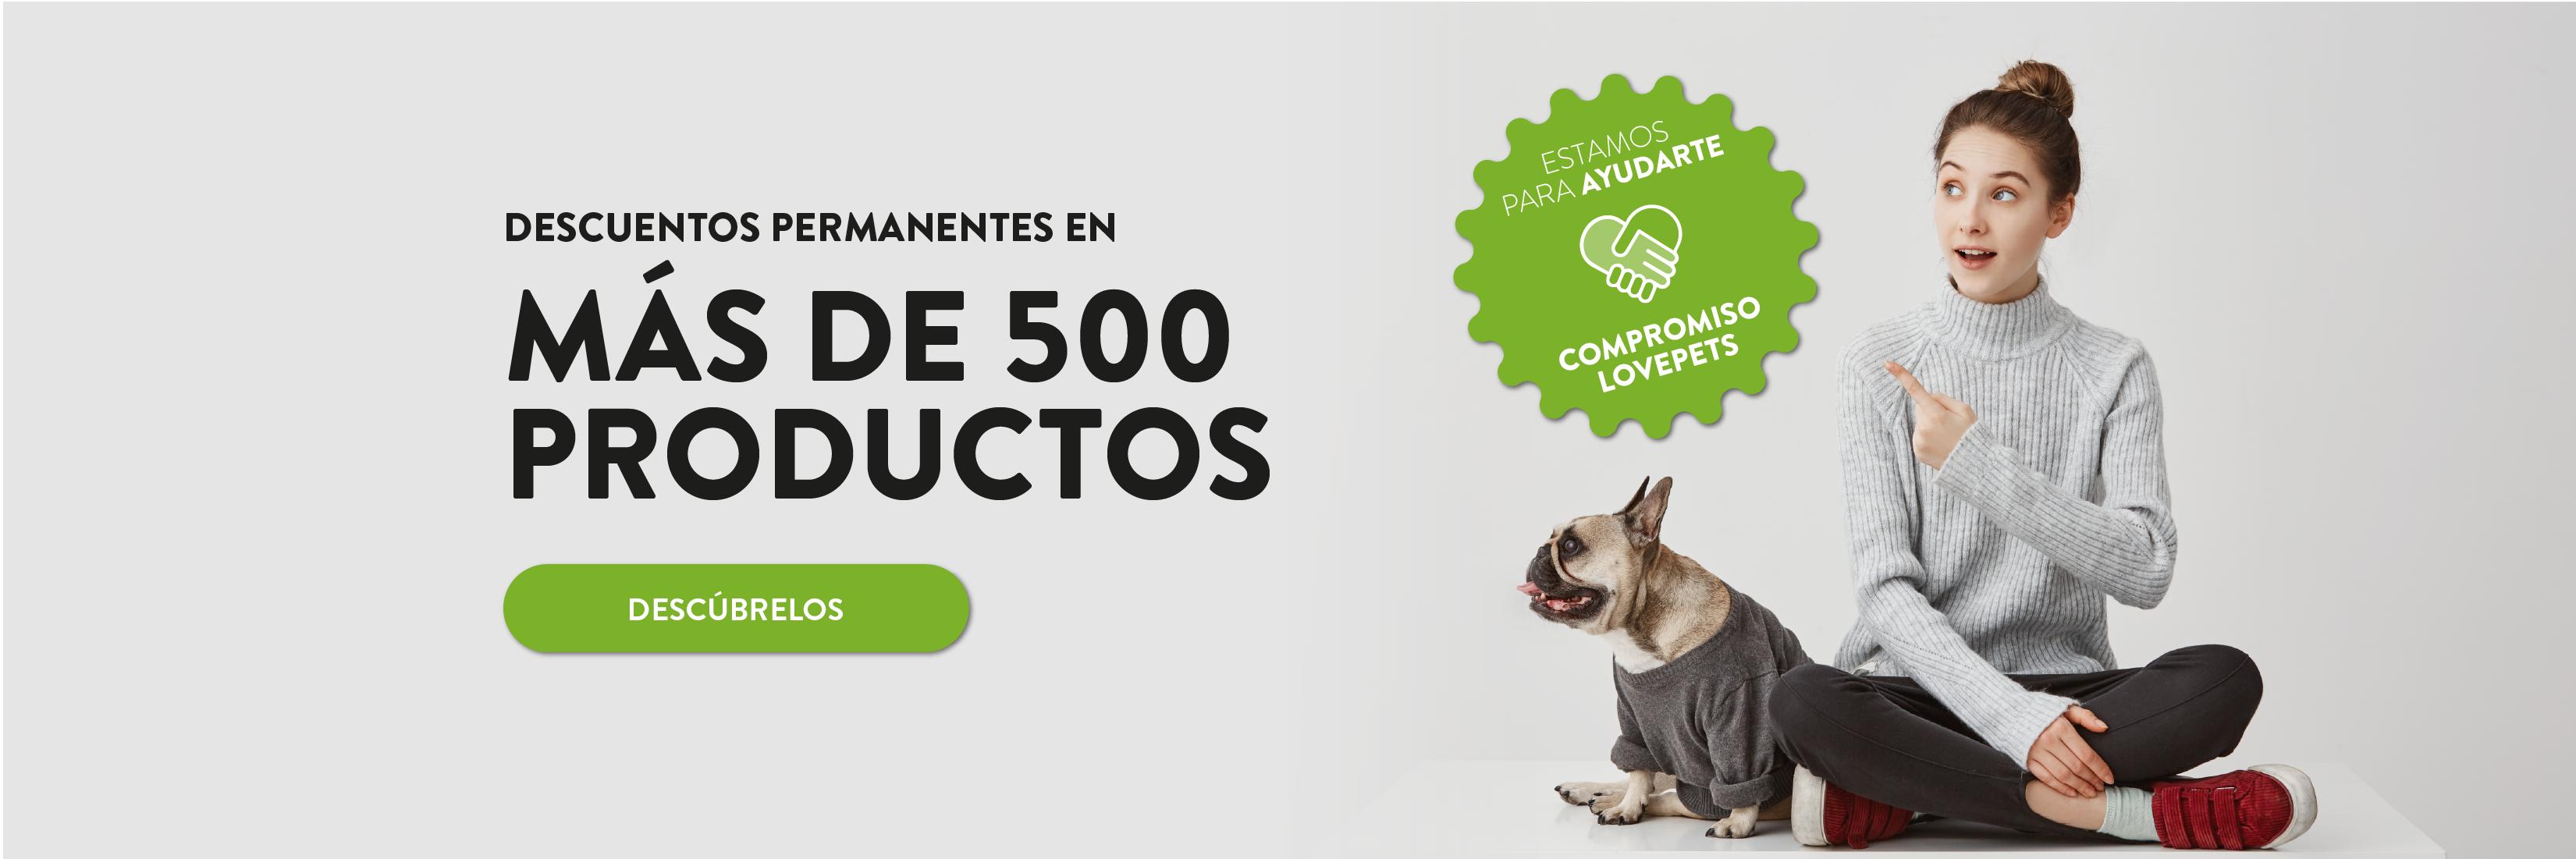 Más de 500 Productos con descuento